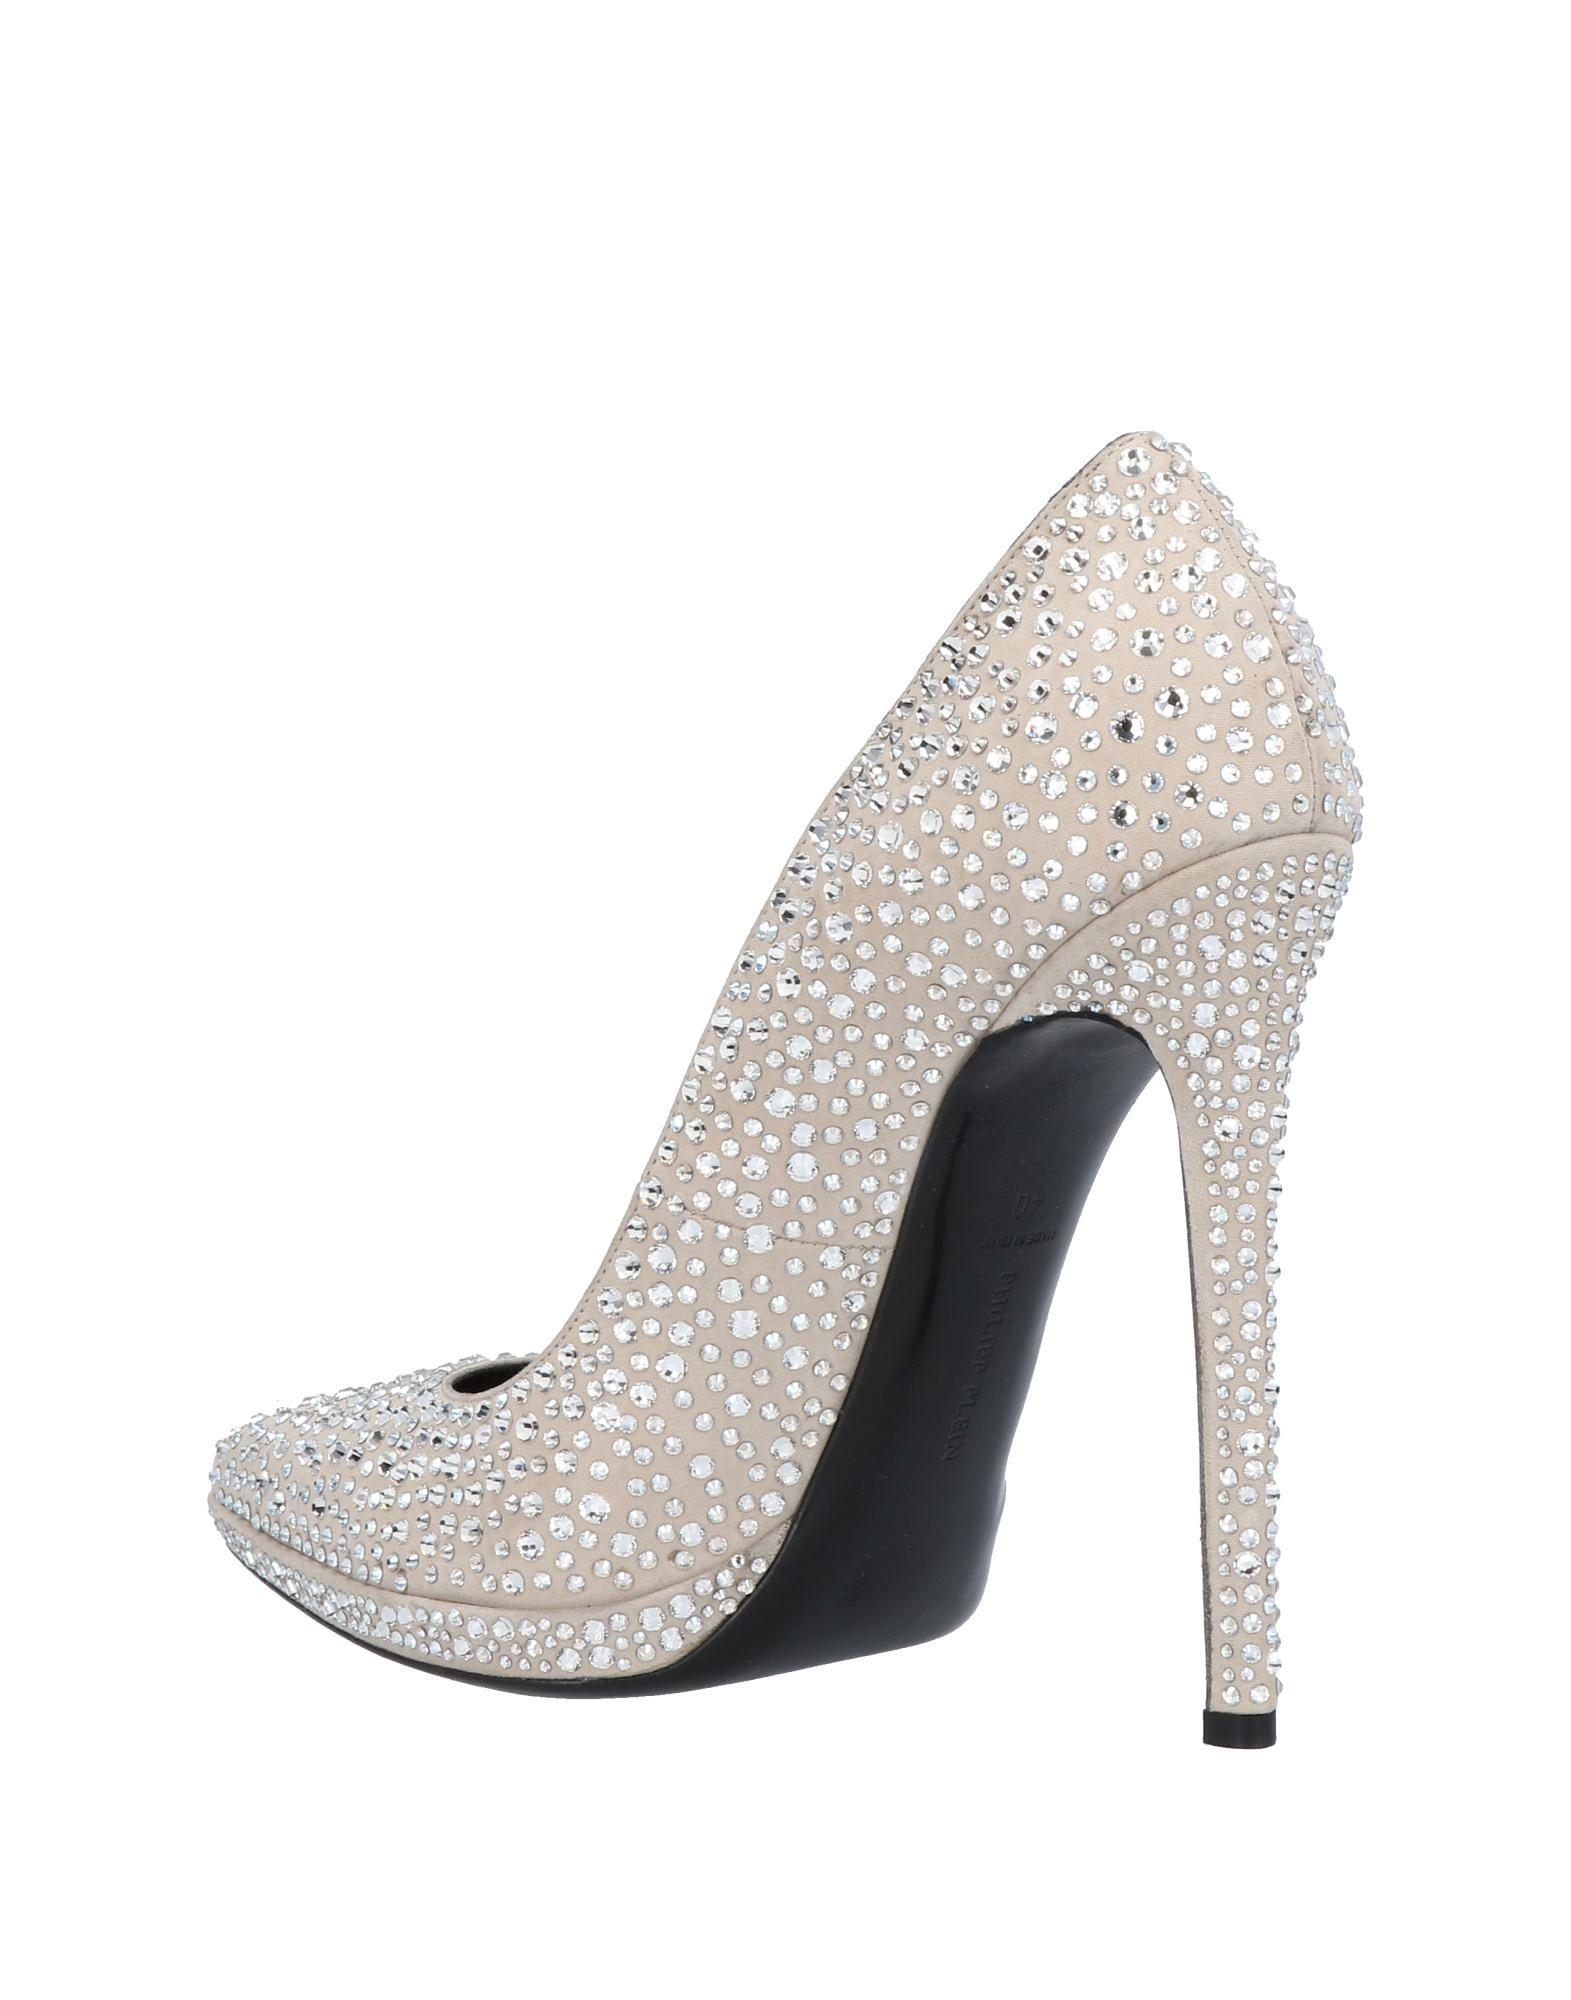 Philipp Philipp Philipp Plein Pumps Damen  11428671JFGünstige gut aussehende Schuhe 7b17db